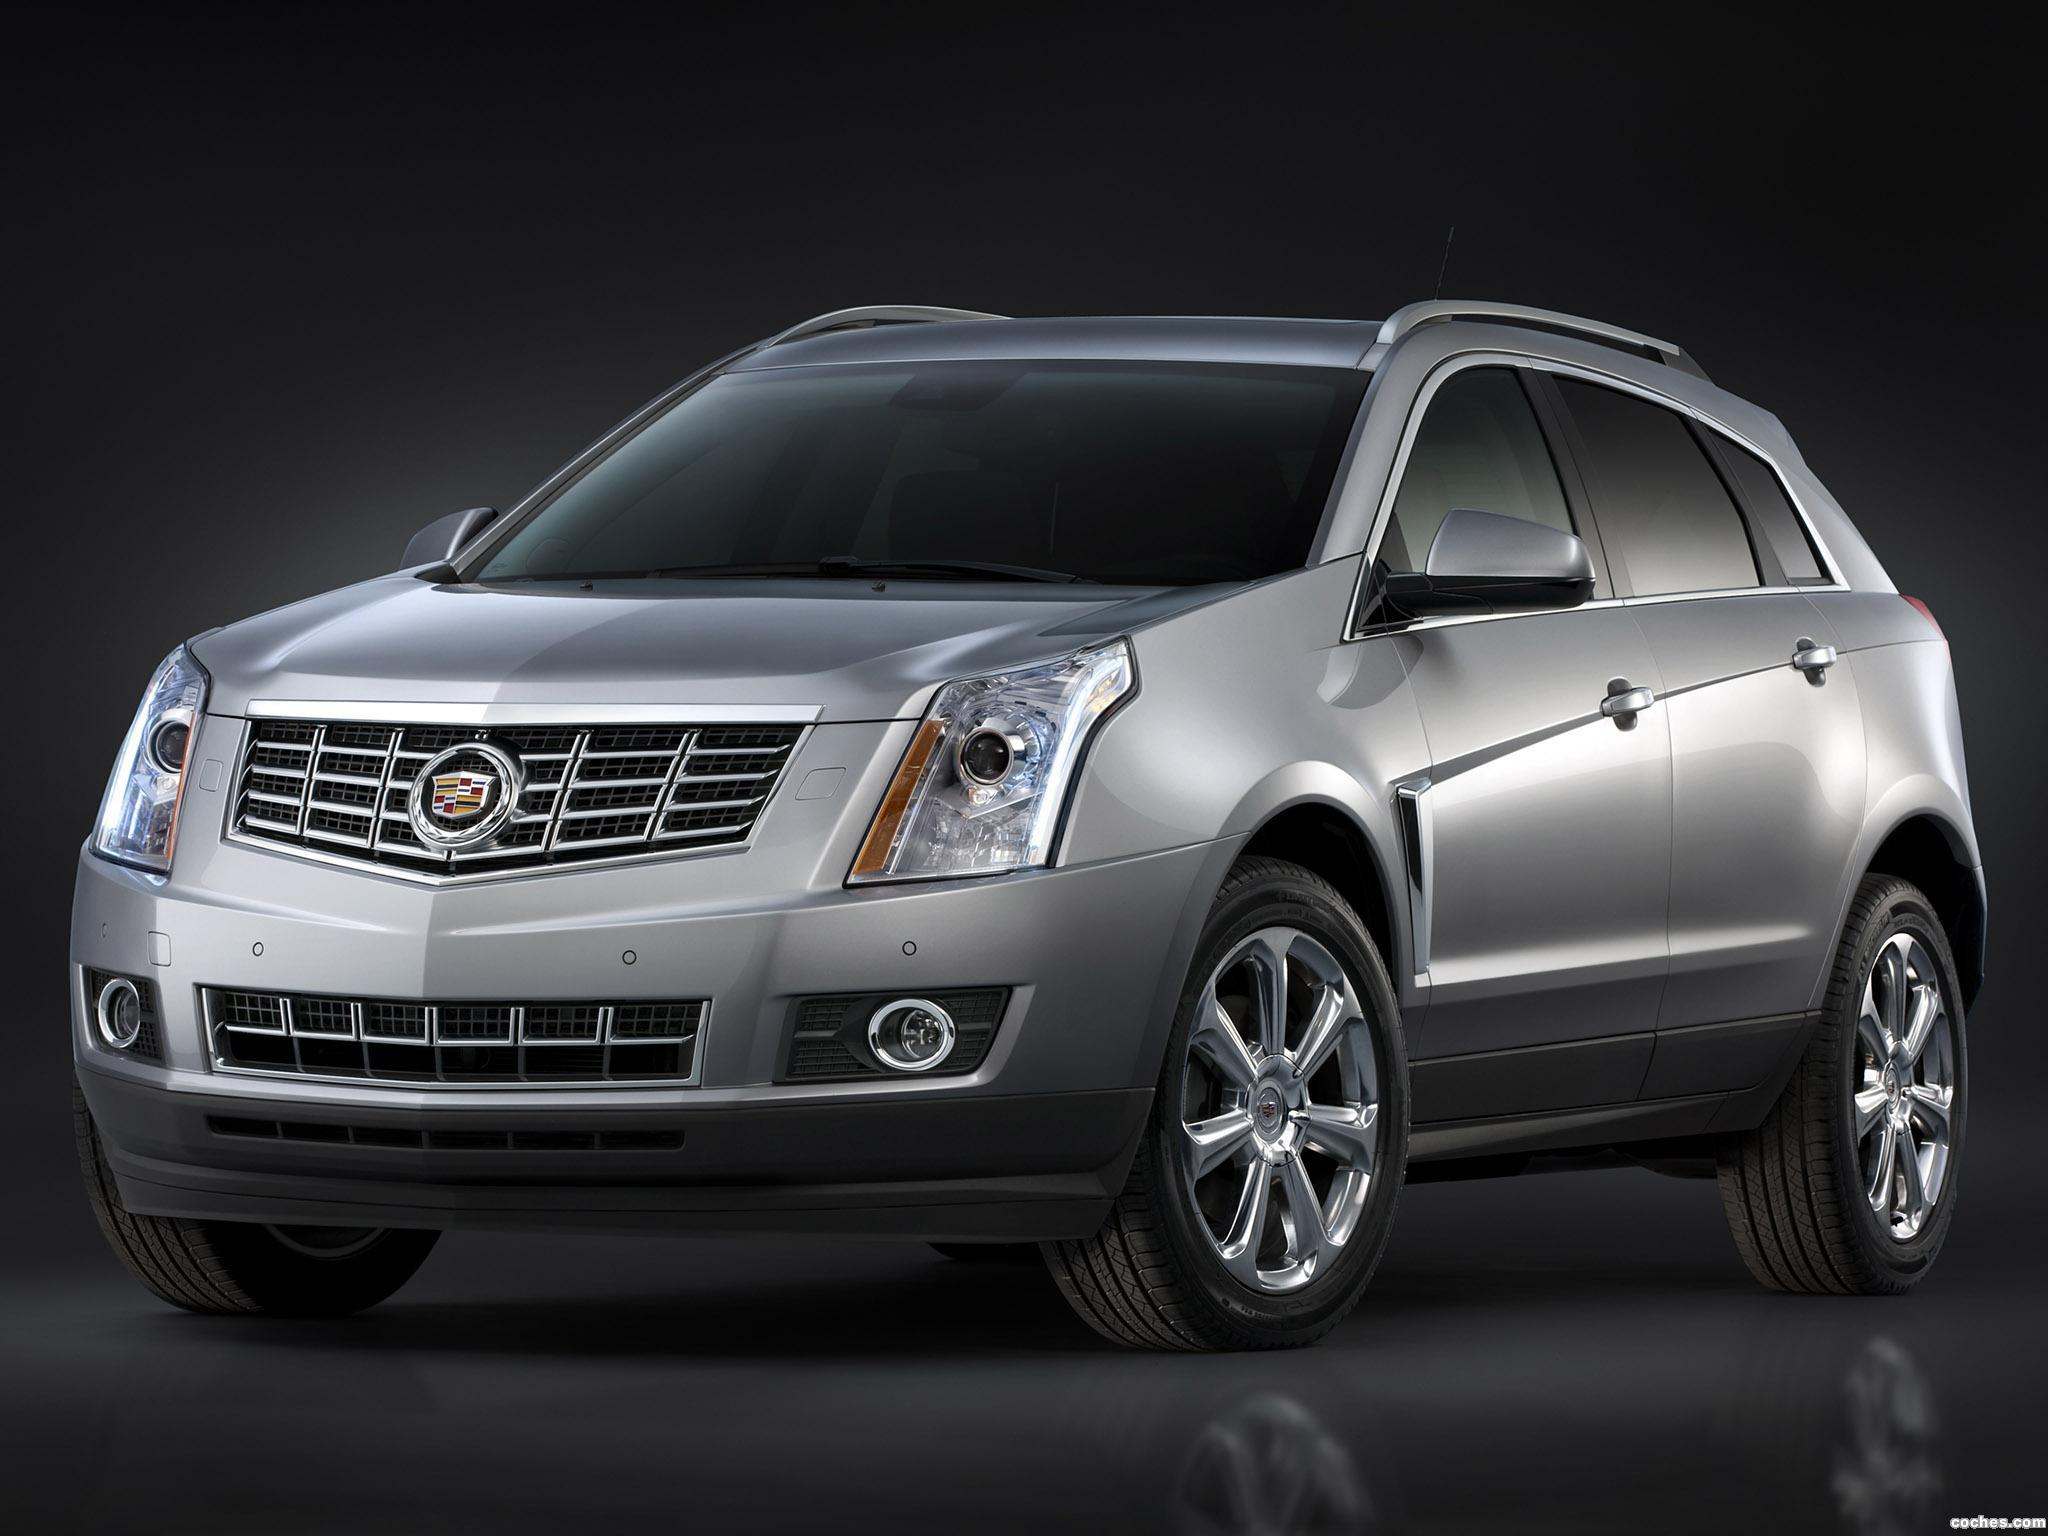 Foto 0 de Cadillac SRX 2012